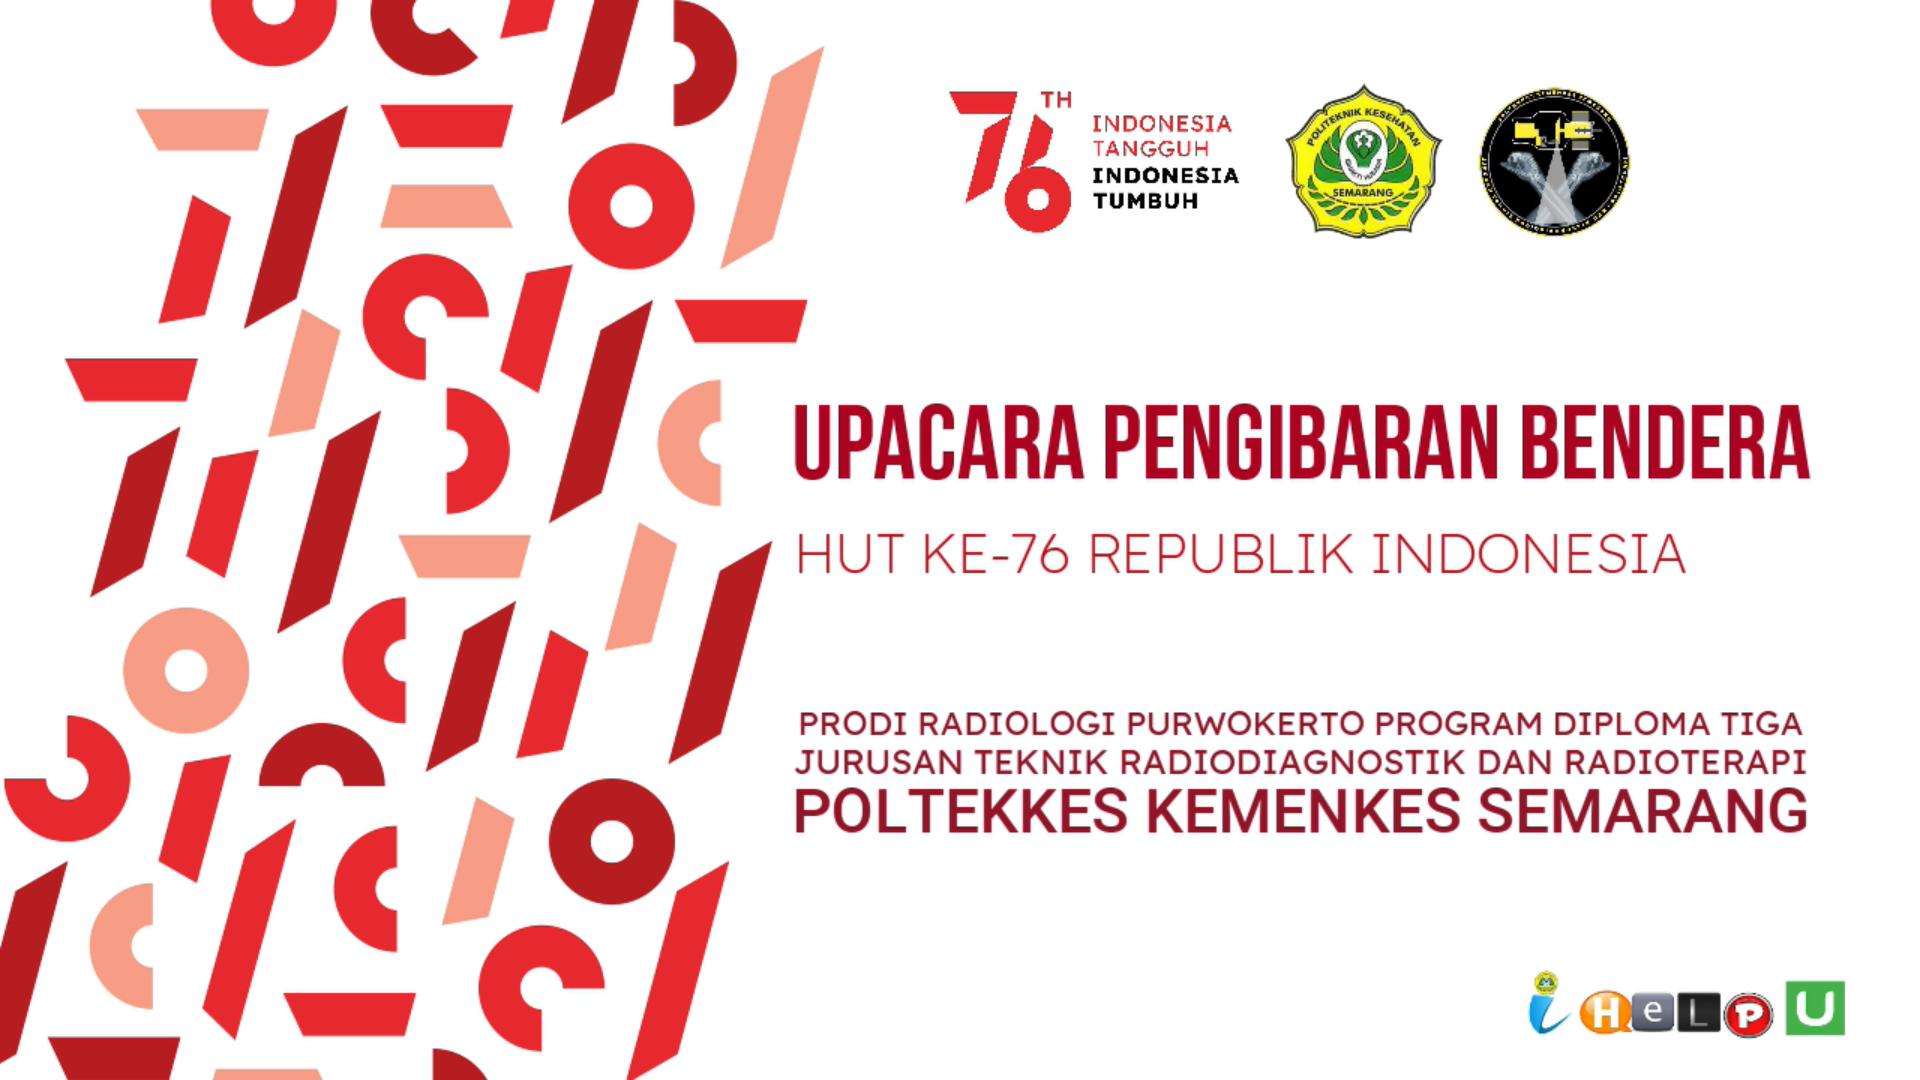 Upacara Pengibaran Bendera HUT ke 76 RI secara Virtual – Prodi Radiologi Purwokerto